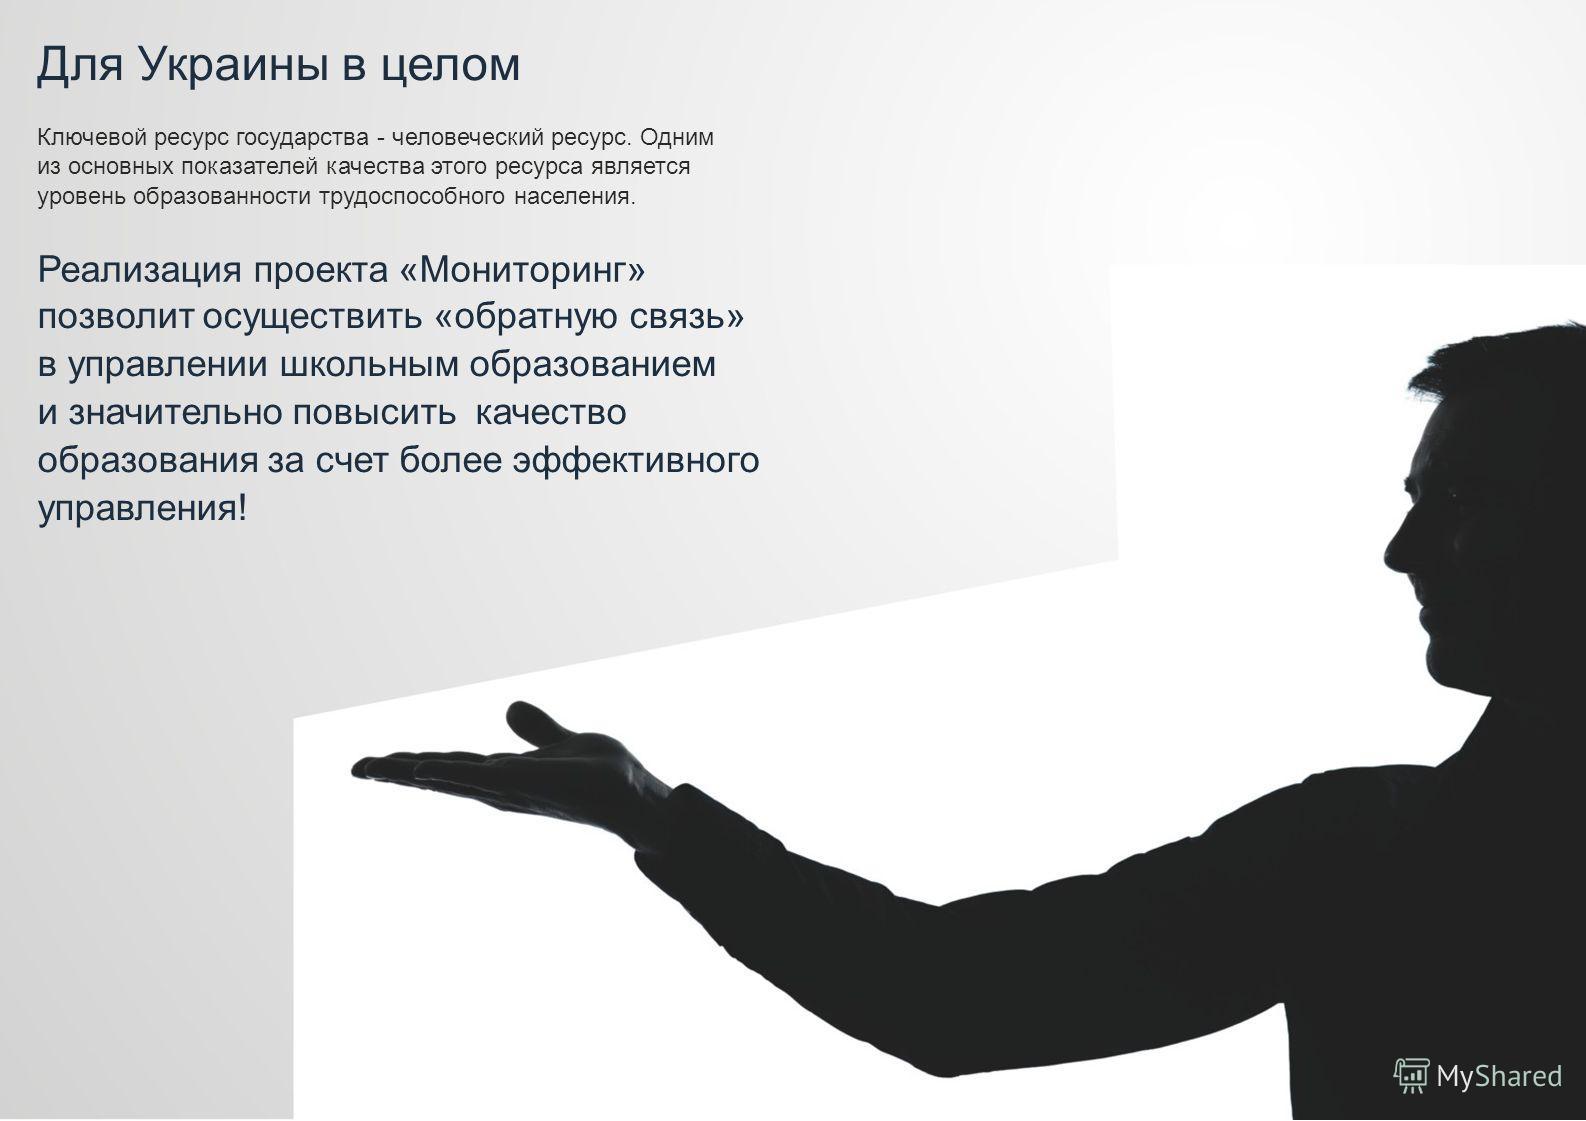 Для Украины в целом Ключевой ресурс государства - человеческий ресурс. Одним из основных показателей качества этого ресурса является уровень образованности трудоспособного населения. Реализация проекта «Мониторинг» позволит осуществить «обратную связ